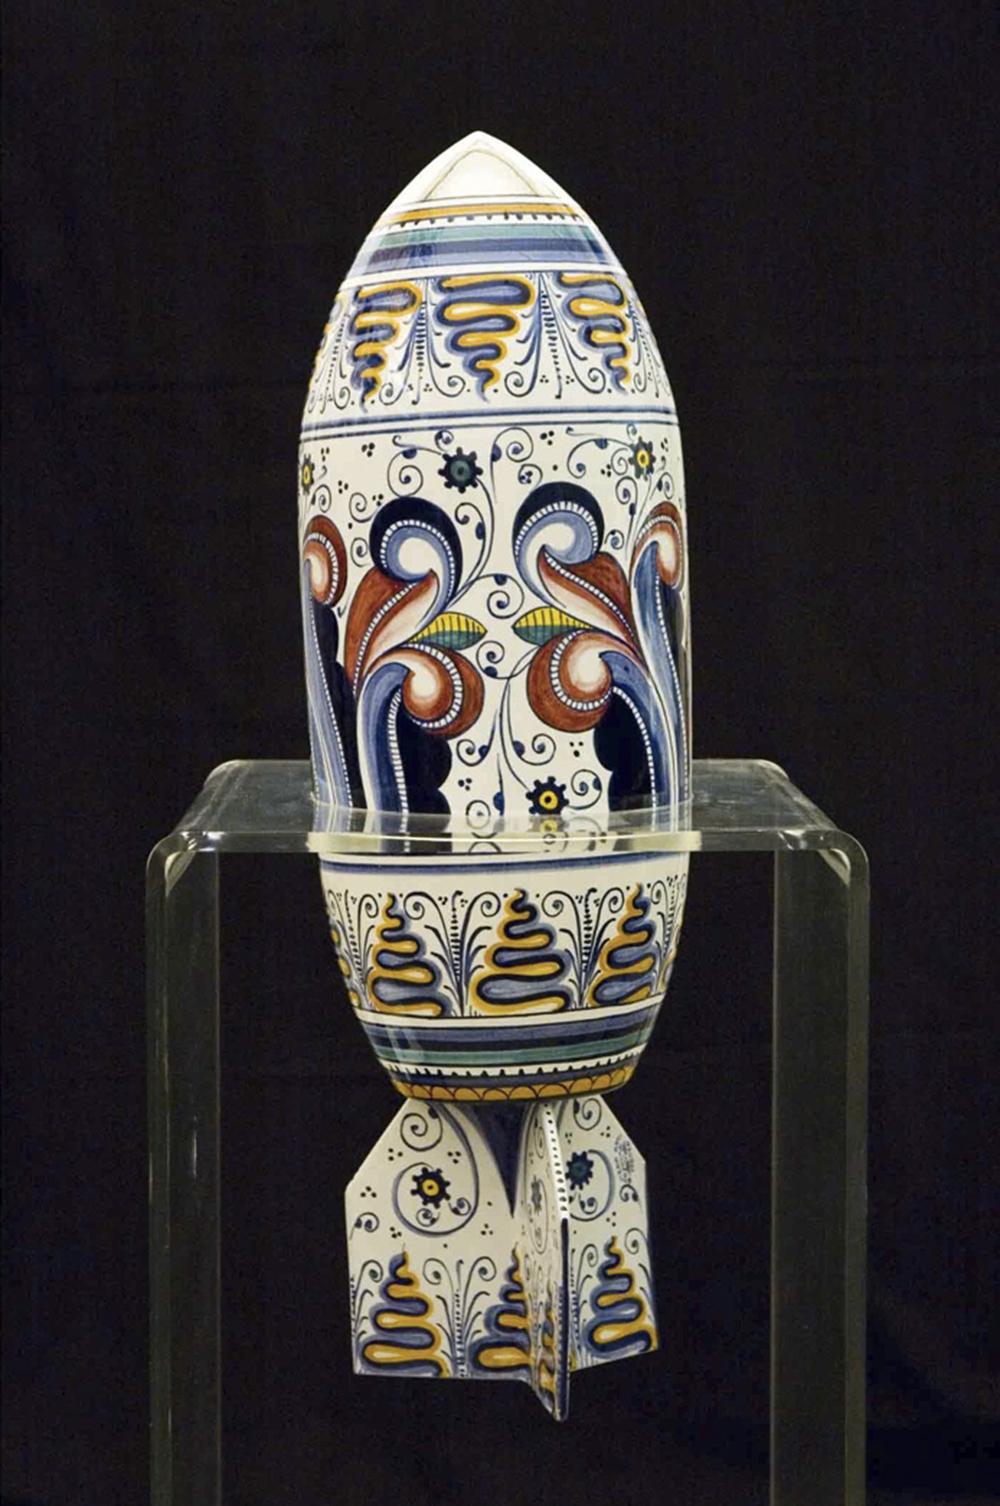 Antonio Riello, Bomba, 2003, ceramica, misure al vivo